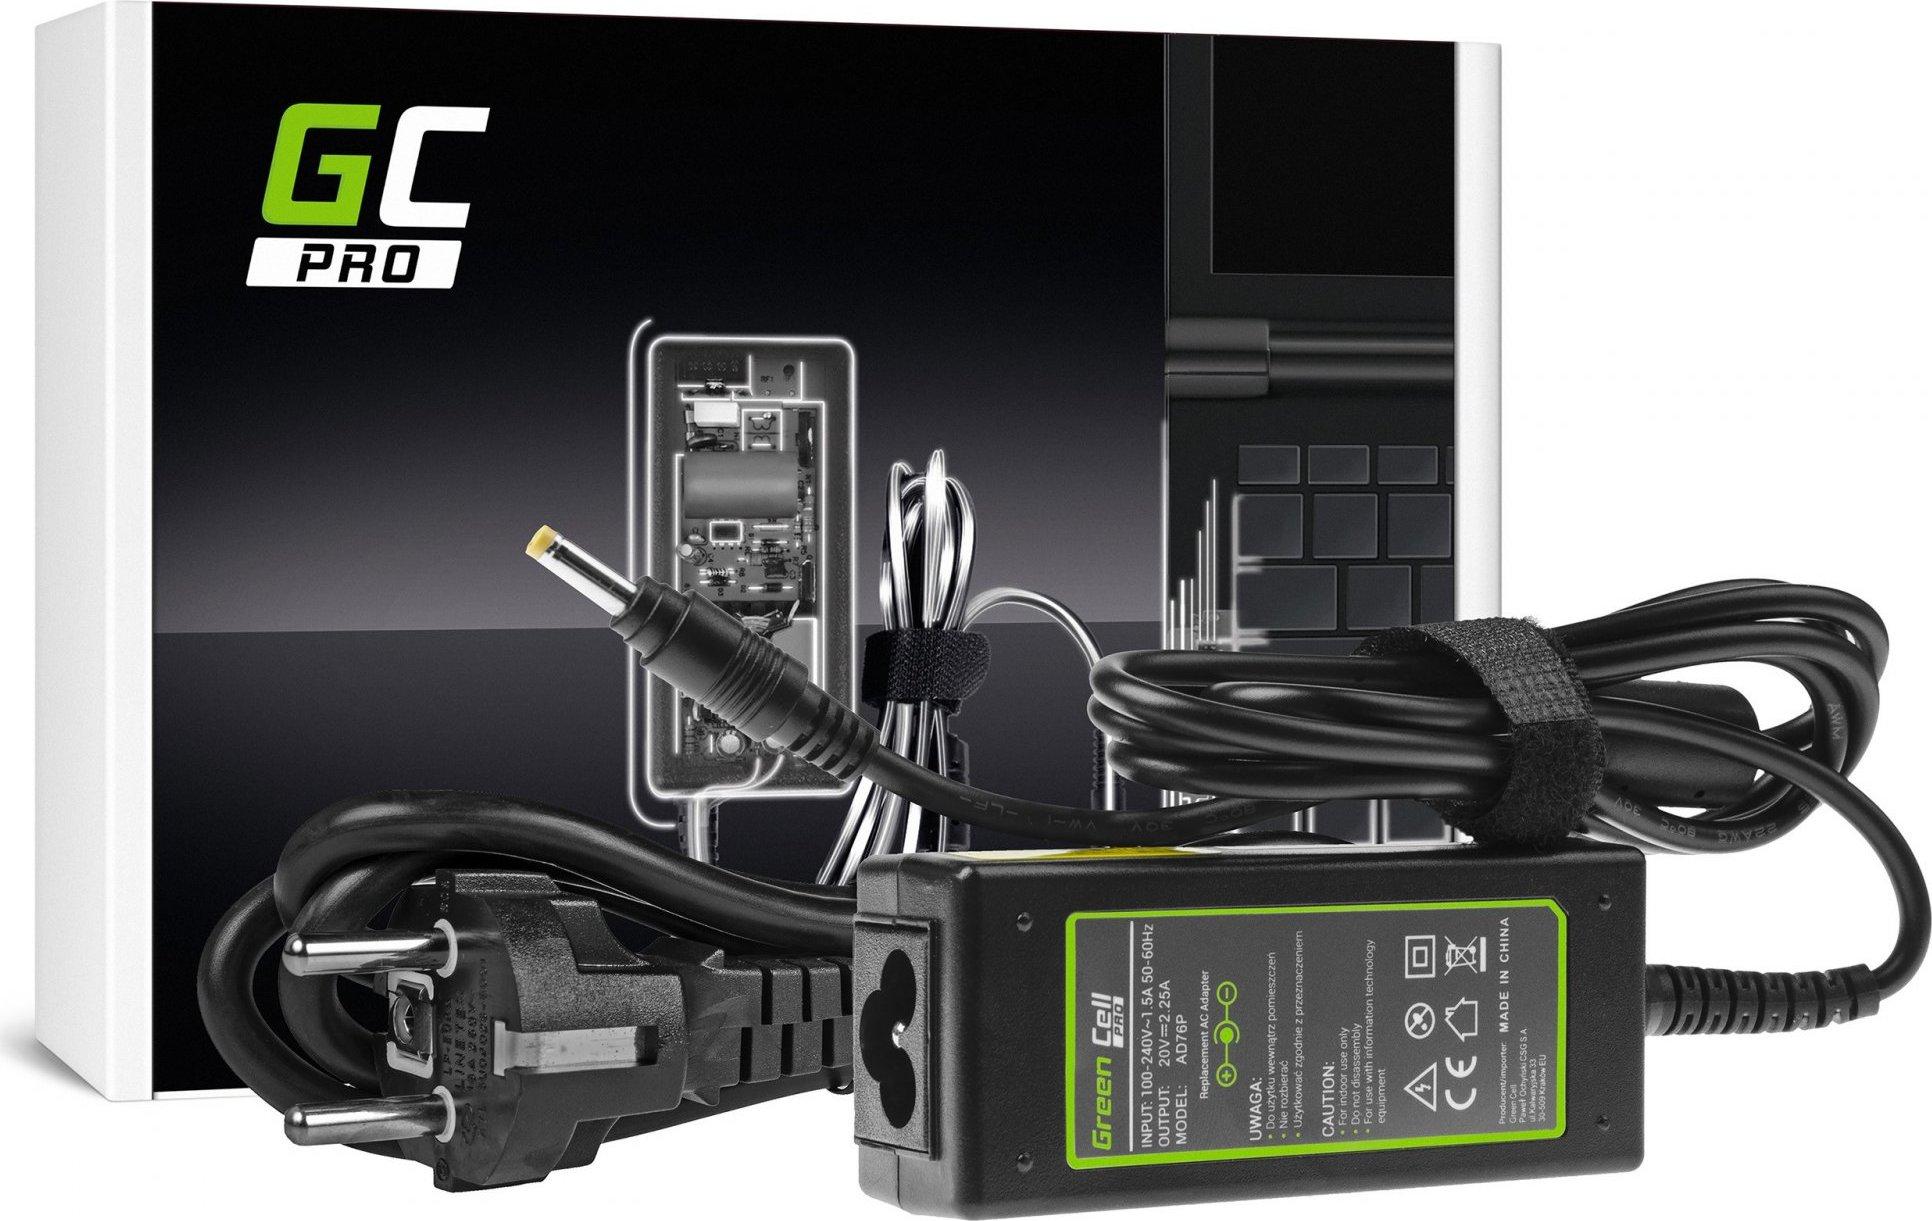 Nabíjačka na notebook Lenovo ADL45WCG, Lenovo ADL45WCH, Lenovo ADL45WCK, Lenovo ADP 20V 2.25A 45W